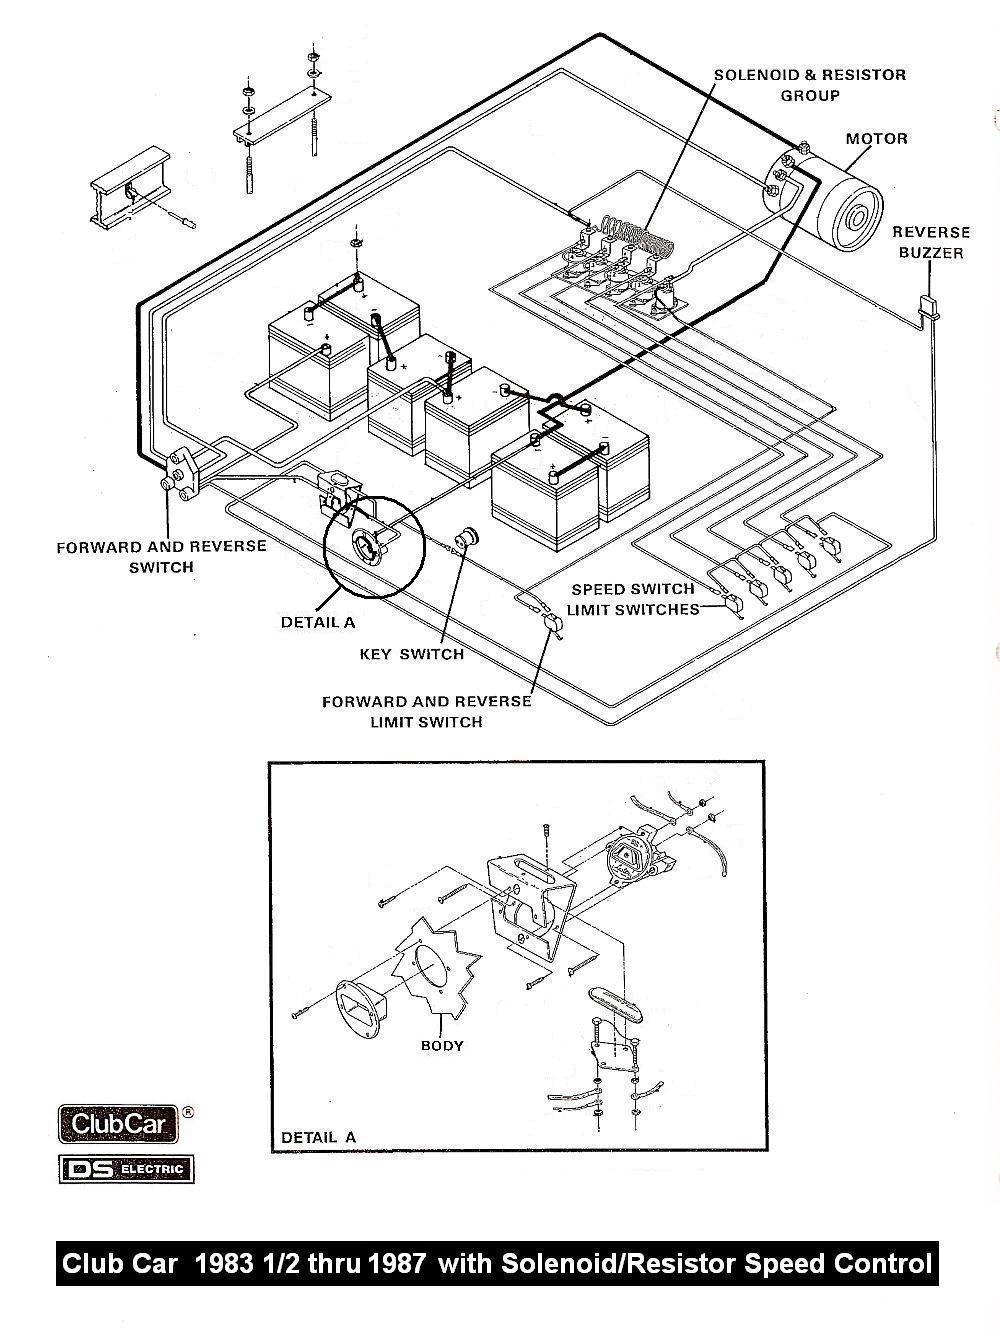 1996 club car ds wiring diagram